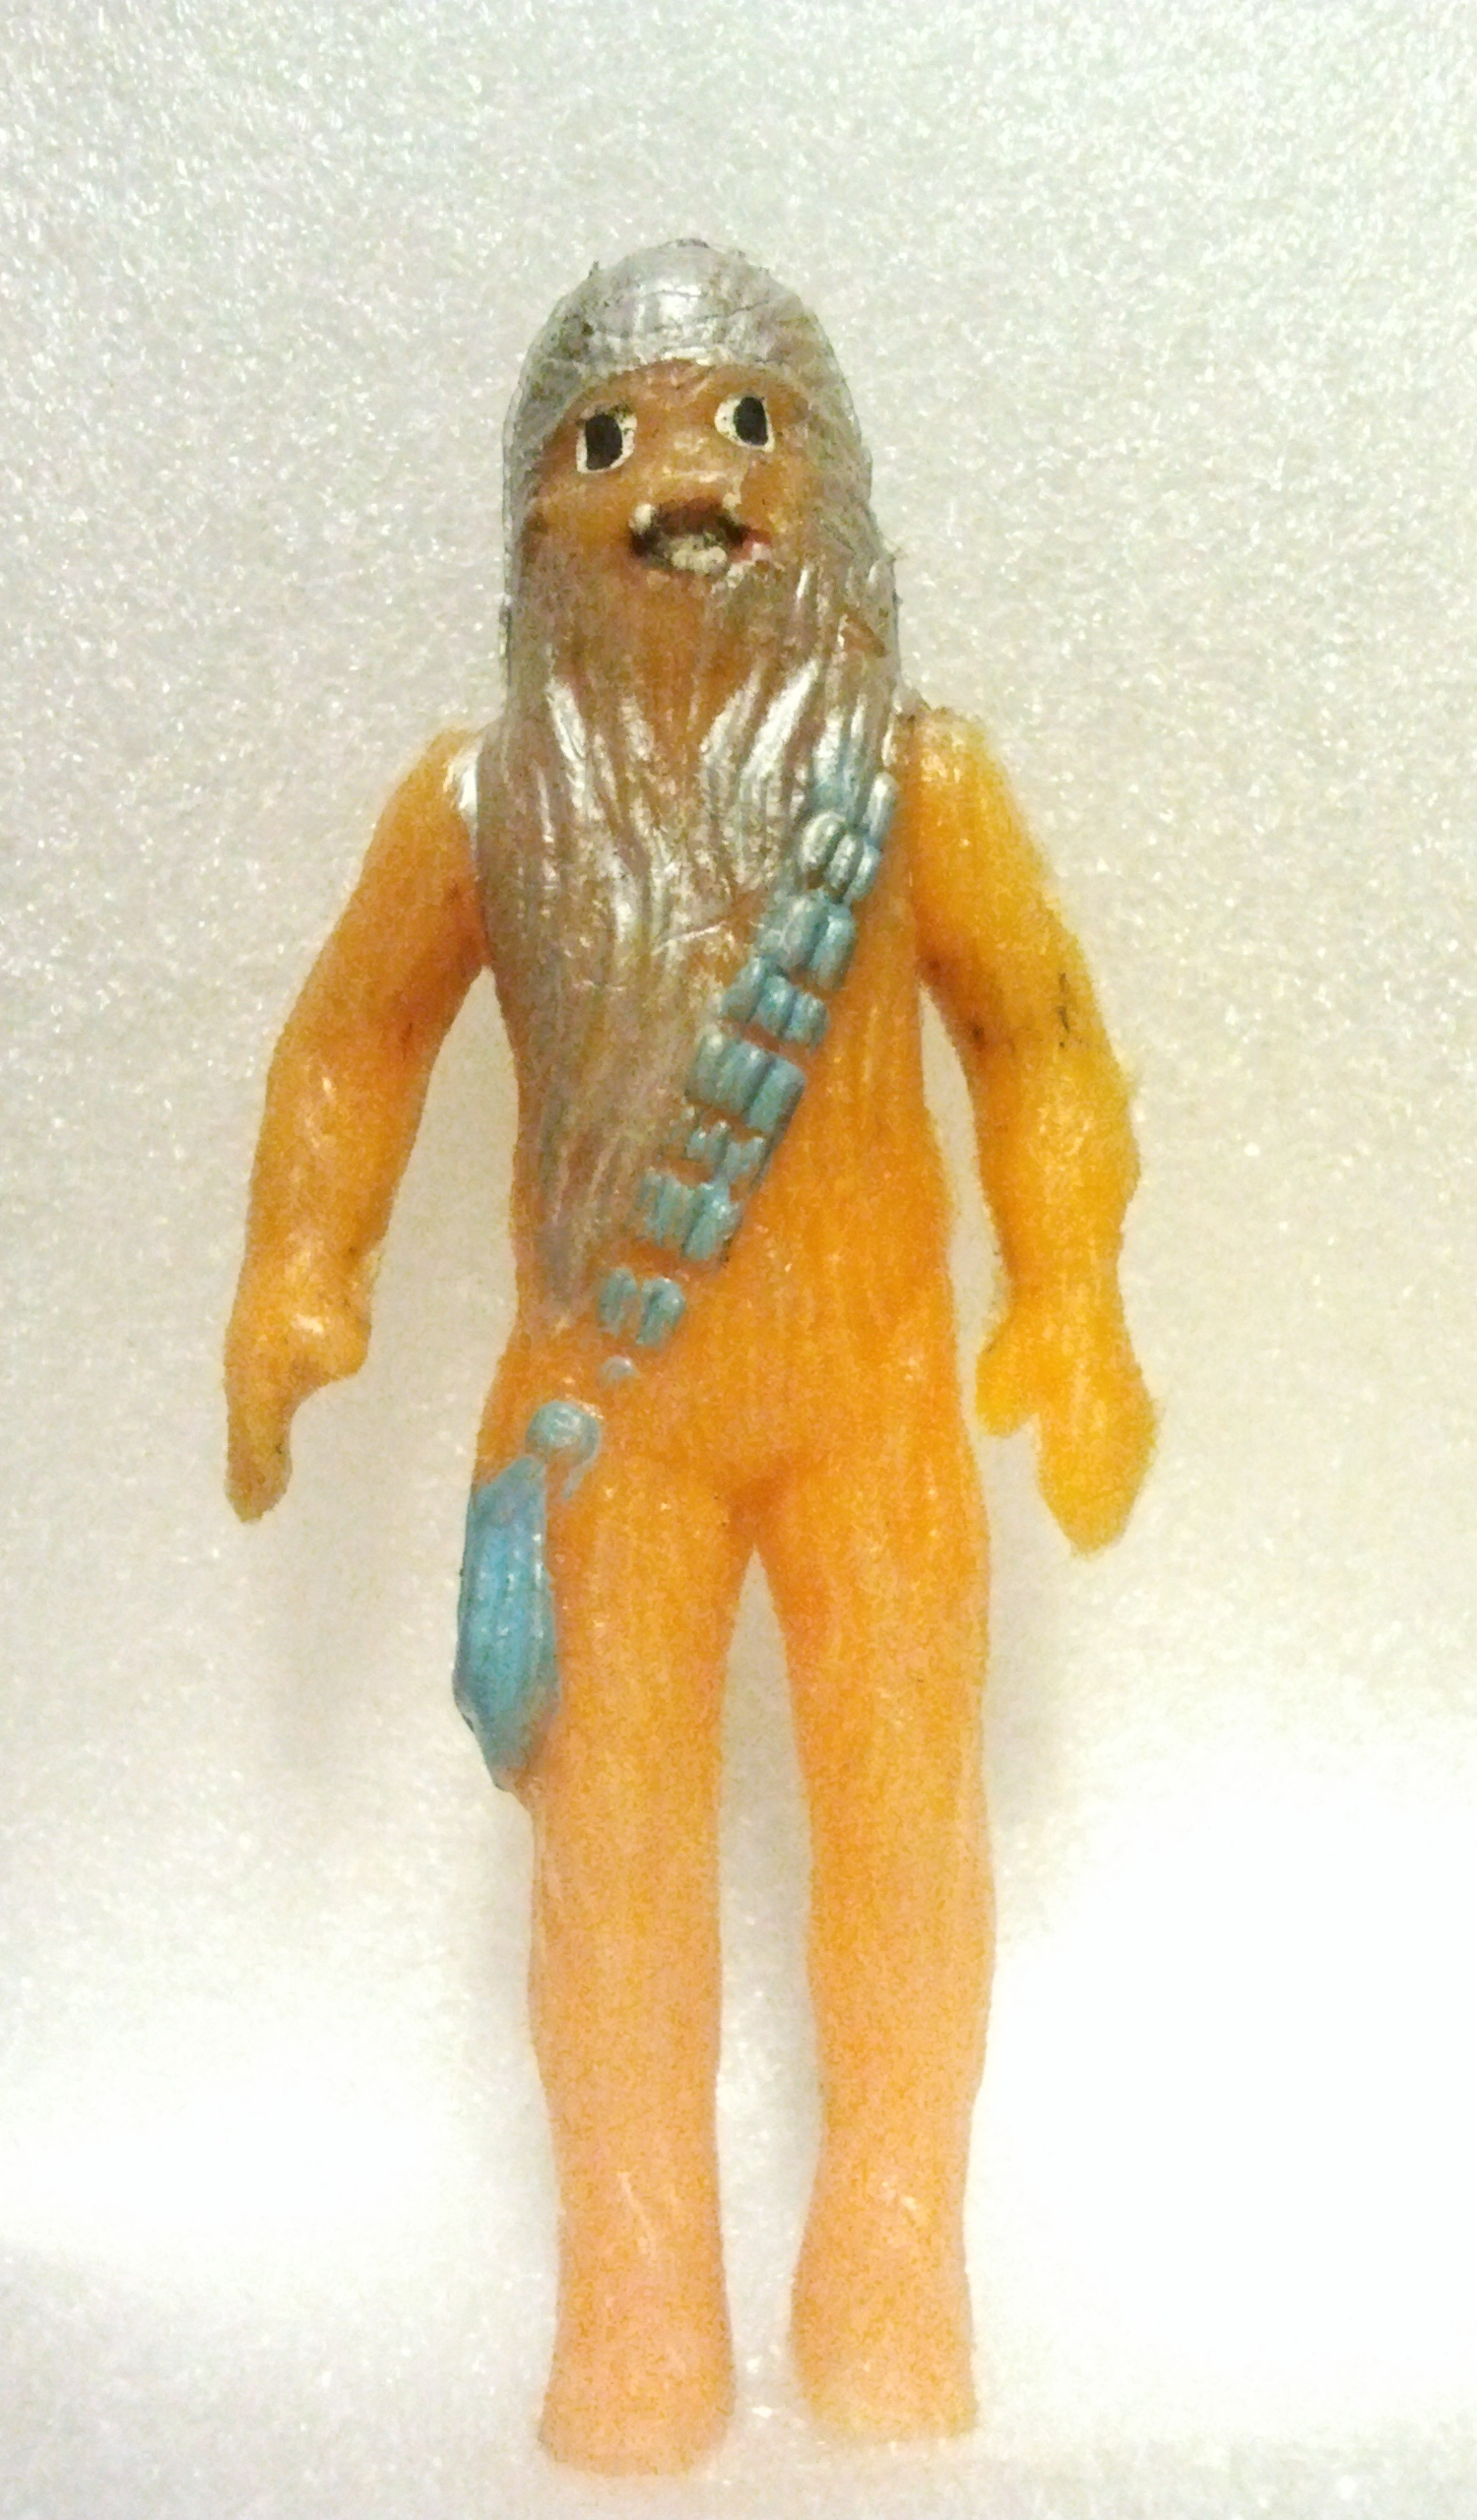 Jadowicie pomarańczowy i srebrny Chewbacca